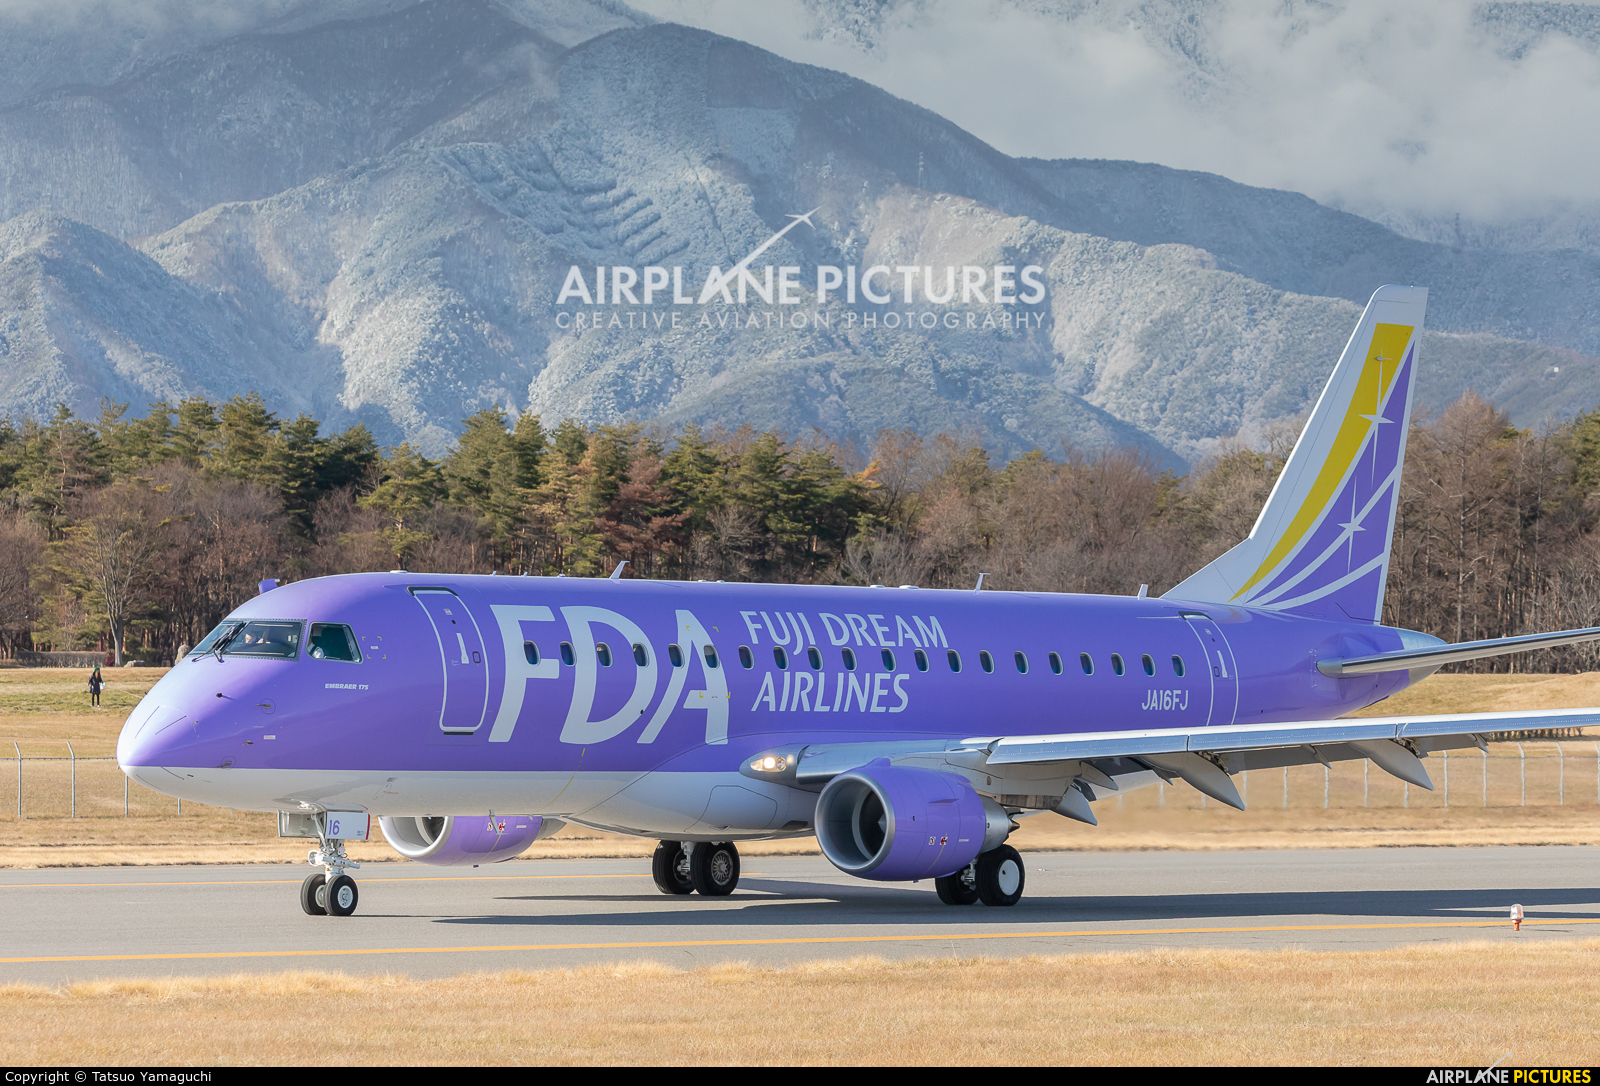 Fuji Dream Airlines JA16FJ aircraft at Shinshu - Matsumoto